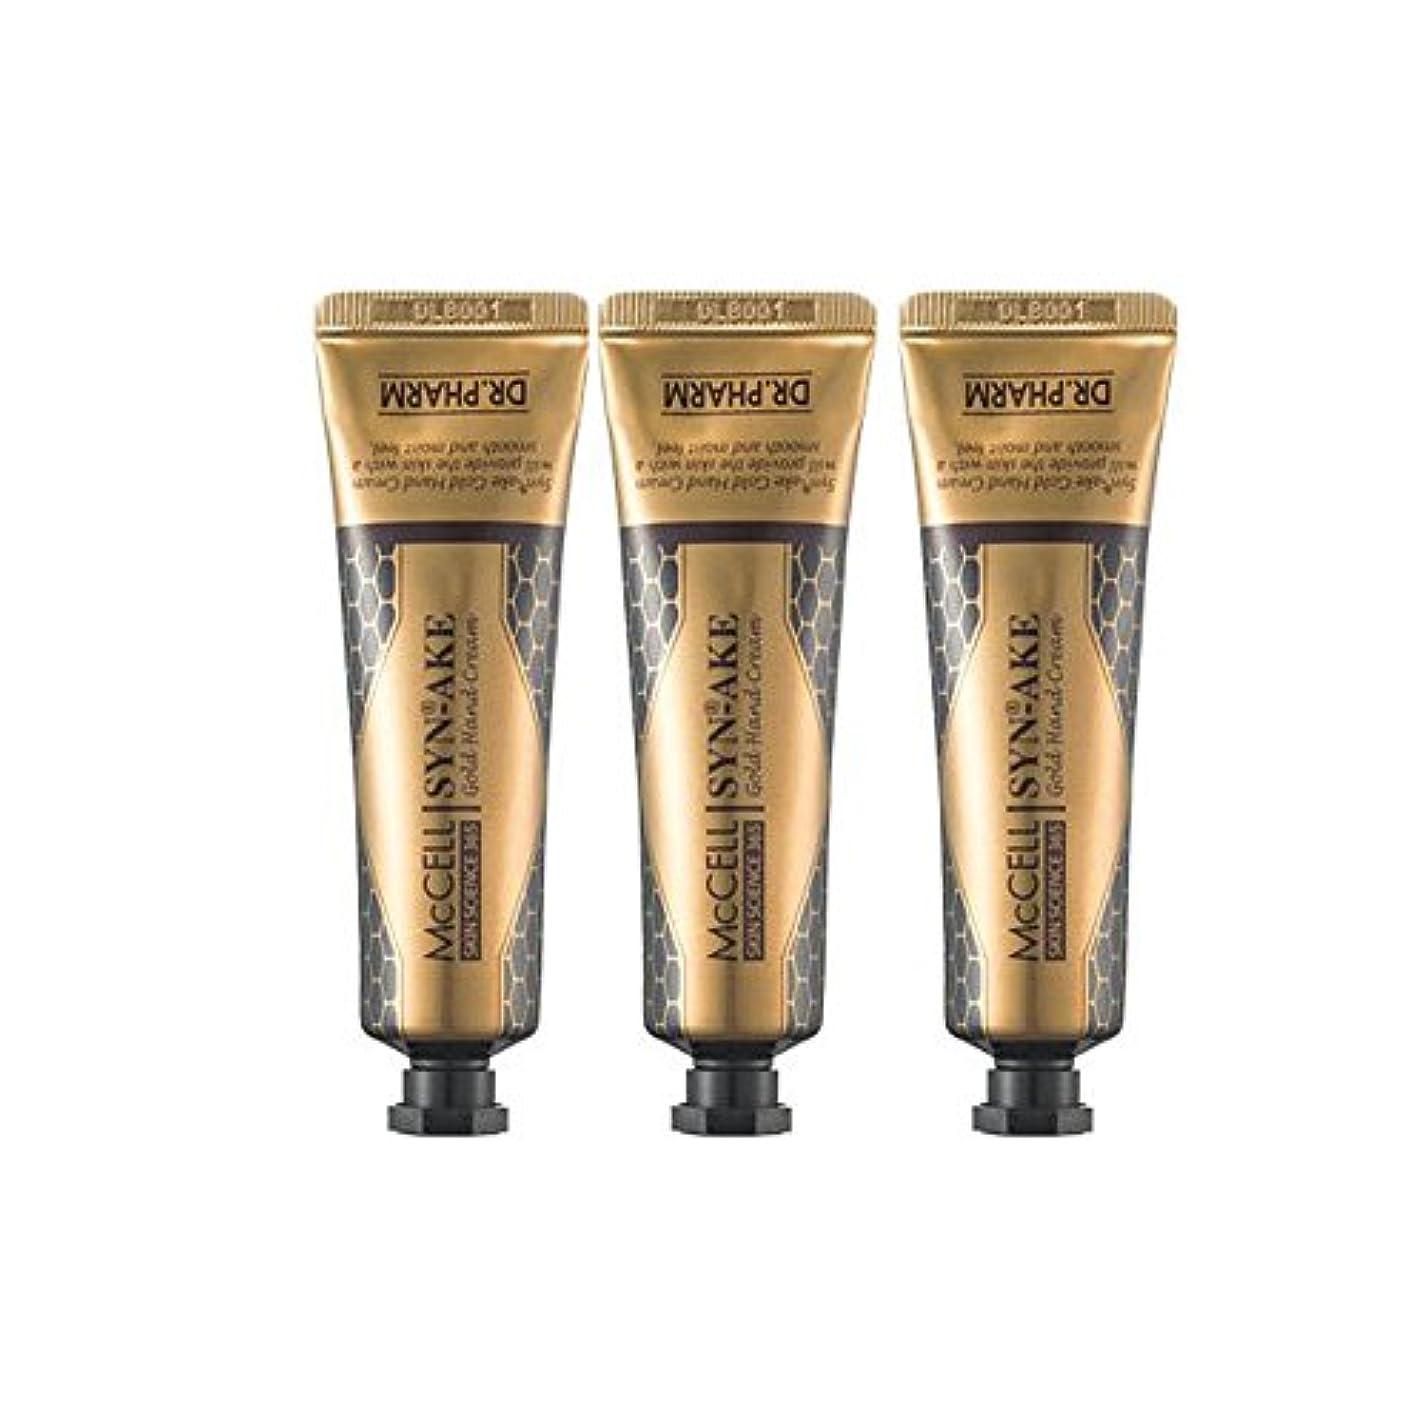 識別間違いなく薄汚いドクターパム マクセル シンエイク ハンドクリーム 3本セット(30g*3ea) Dr.Pharm McCELL Synake Gold Handcream 30g*3ea